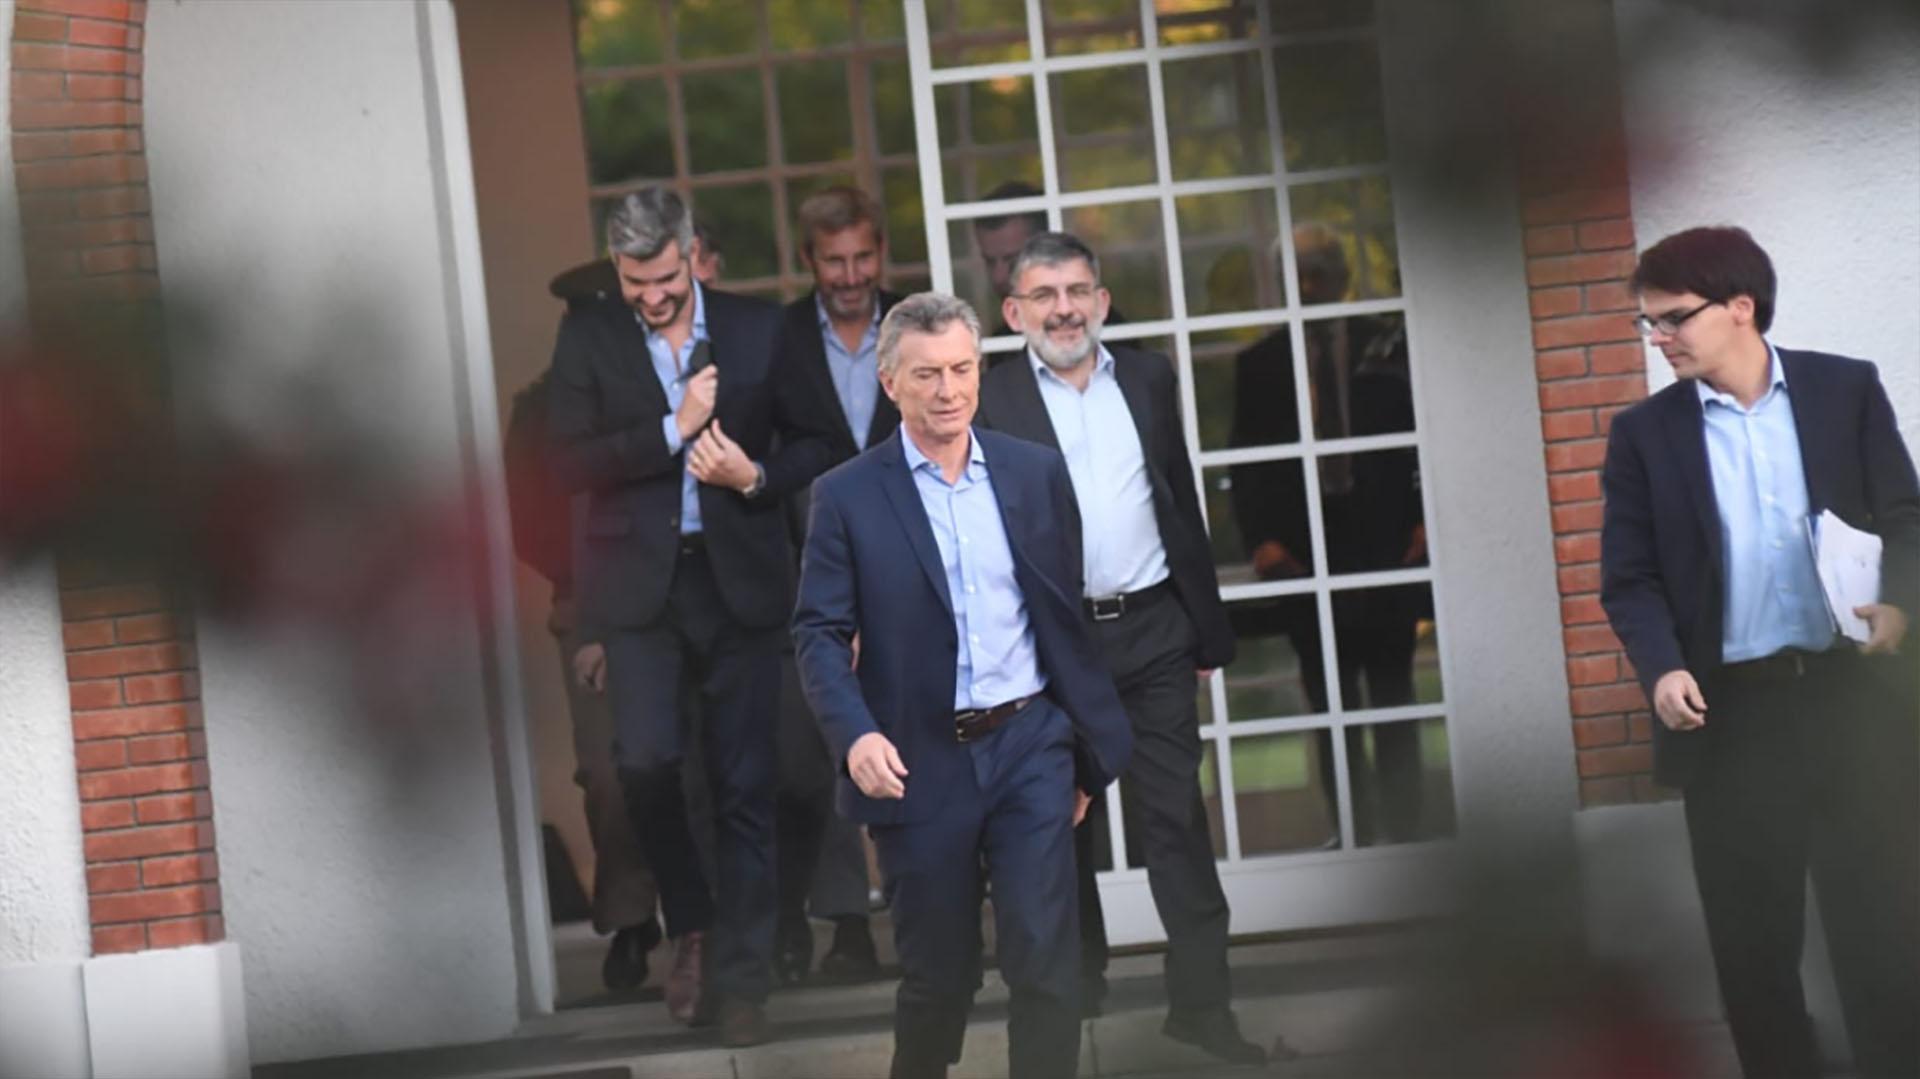 Mauricio Macri rumbo a la conferencia de prensa (Fabián Ramella)